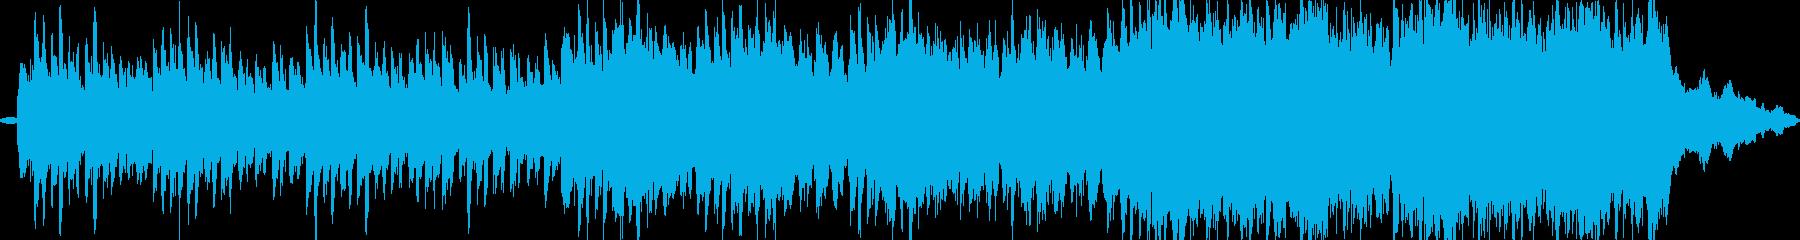 ティーン 代替案 ポップ クラシッ...の再生済みの波形